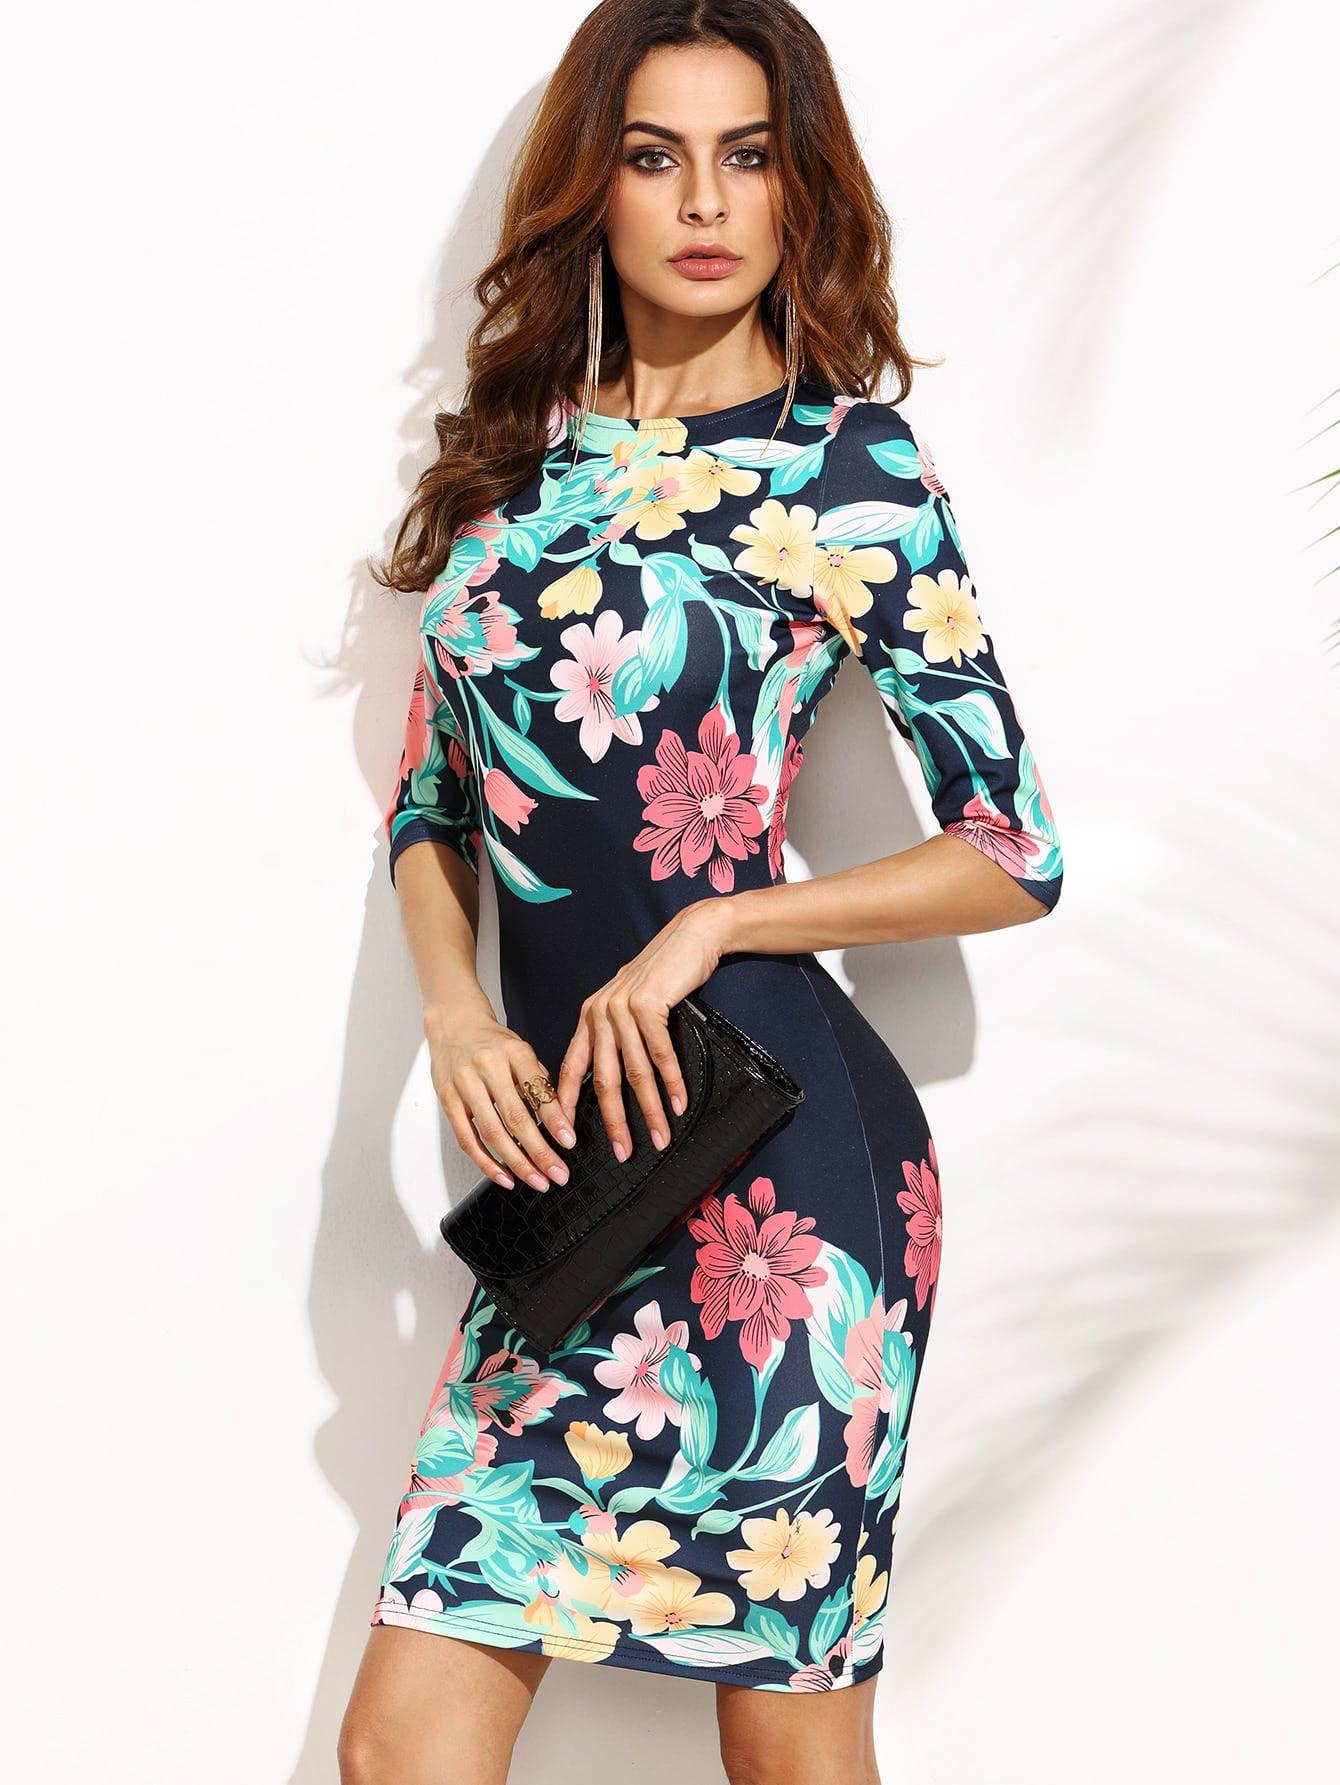 dress160826703_2